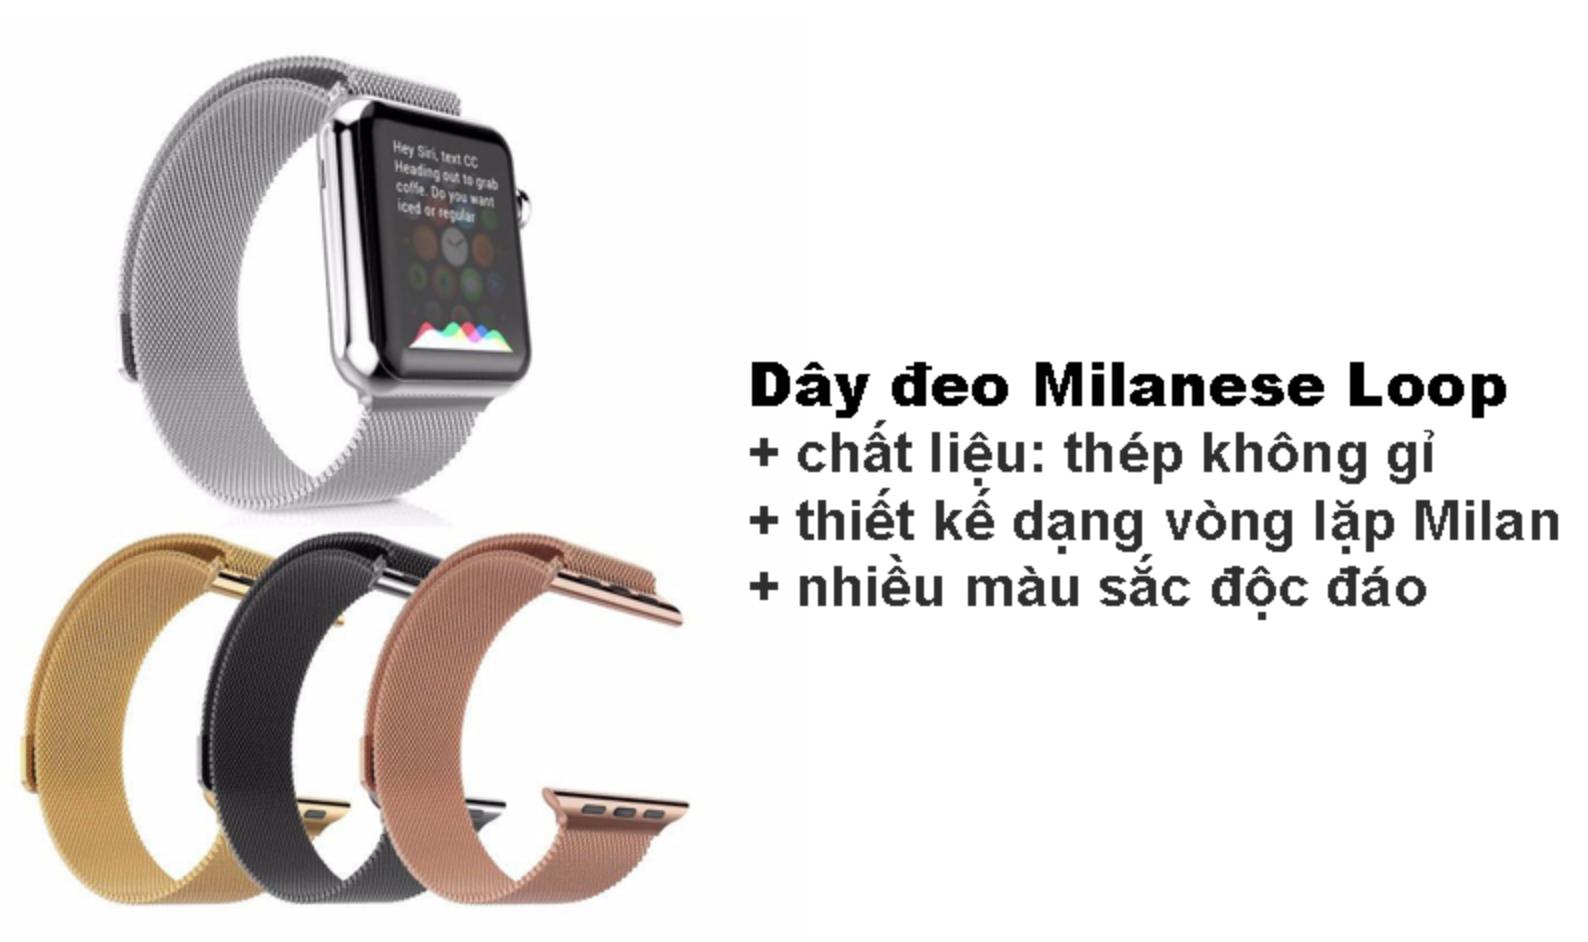 Dây đeo Milanese Loop đủ size